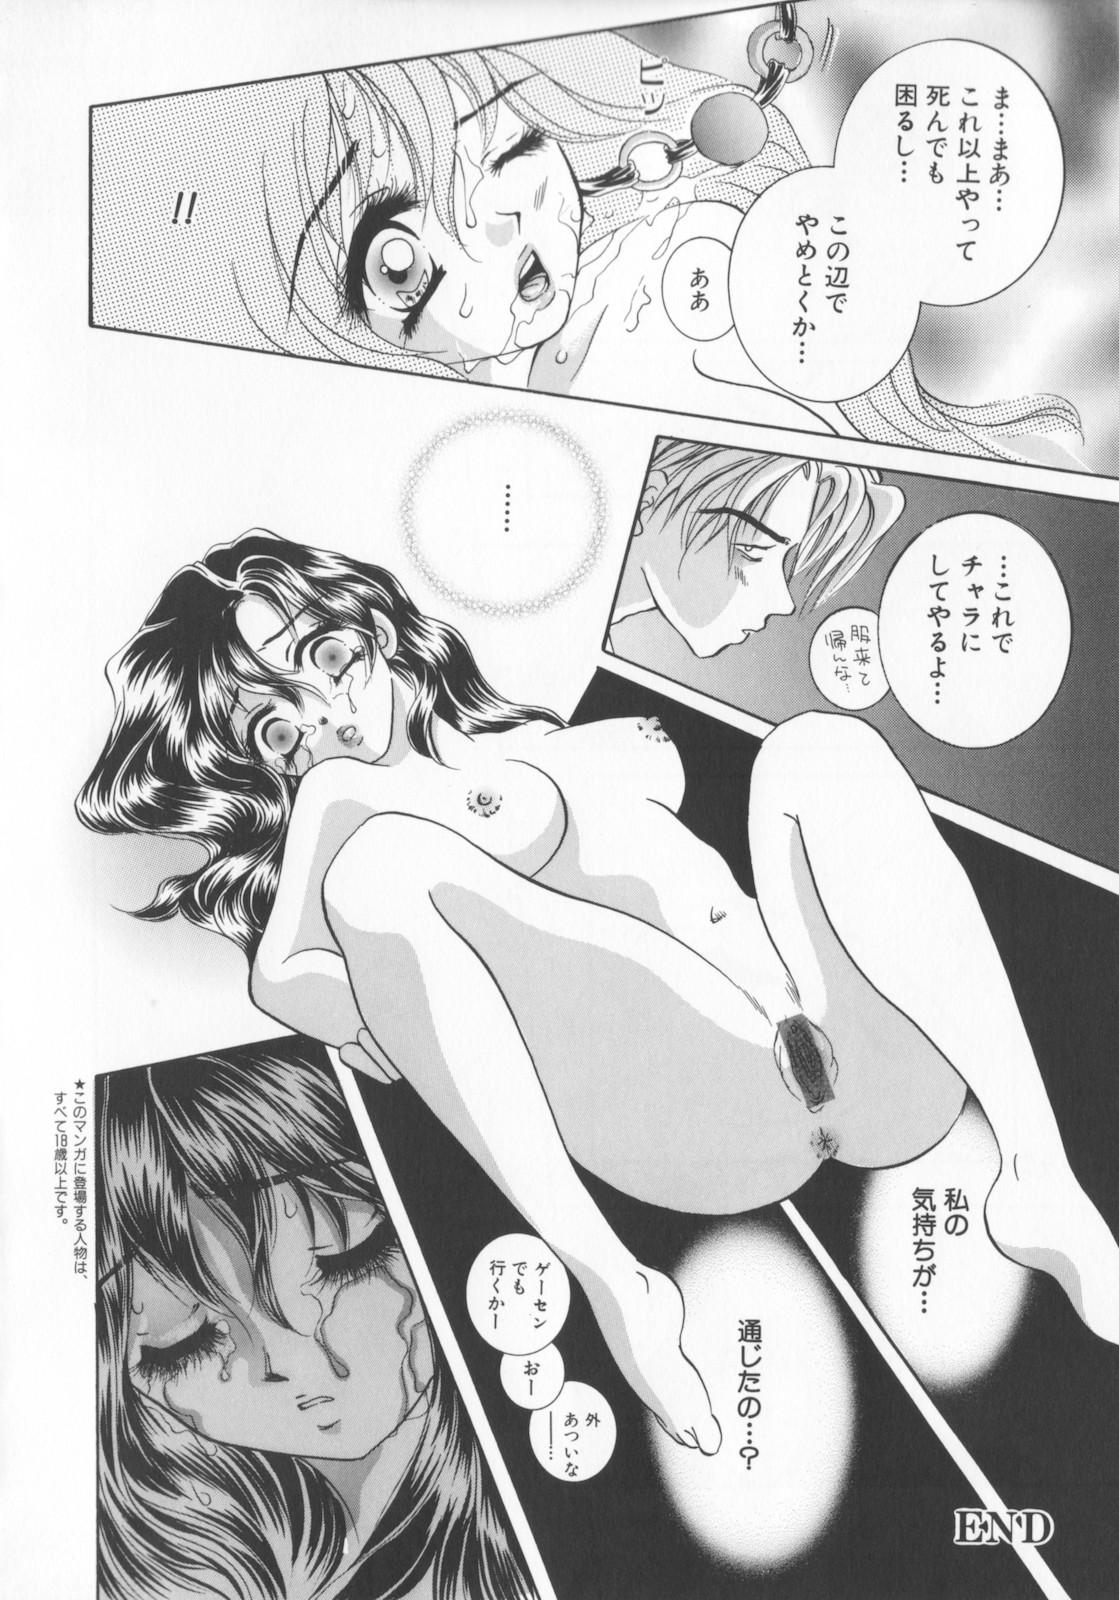 Kichiku dorei 83